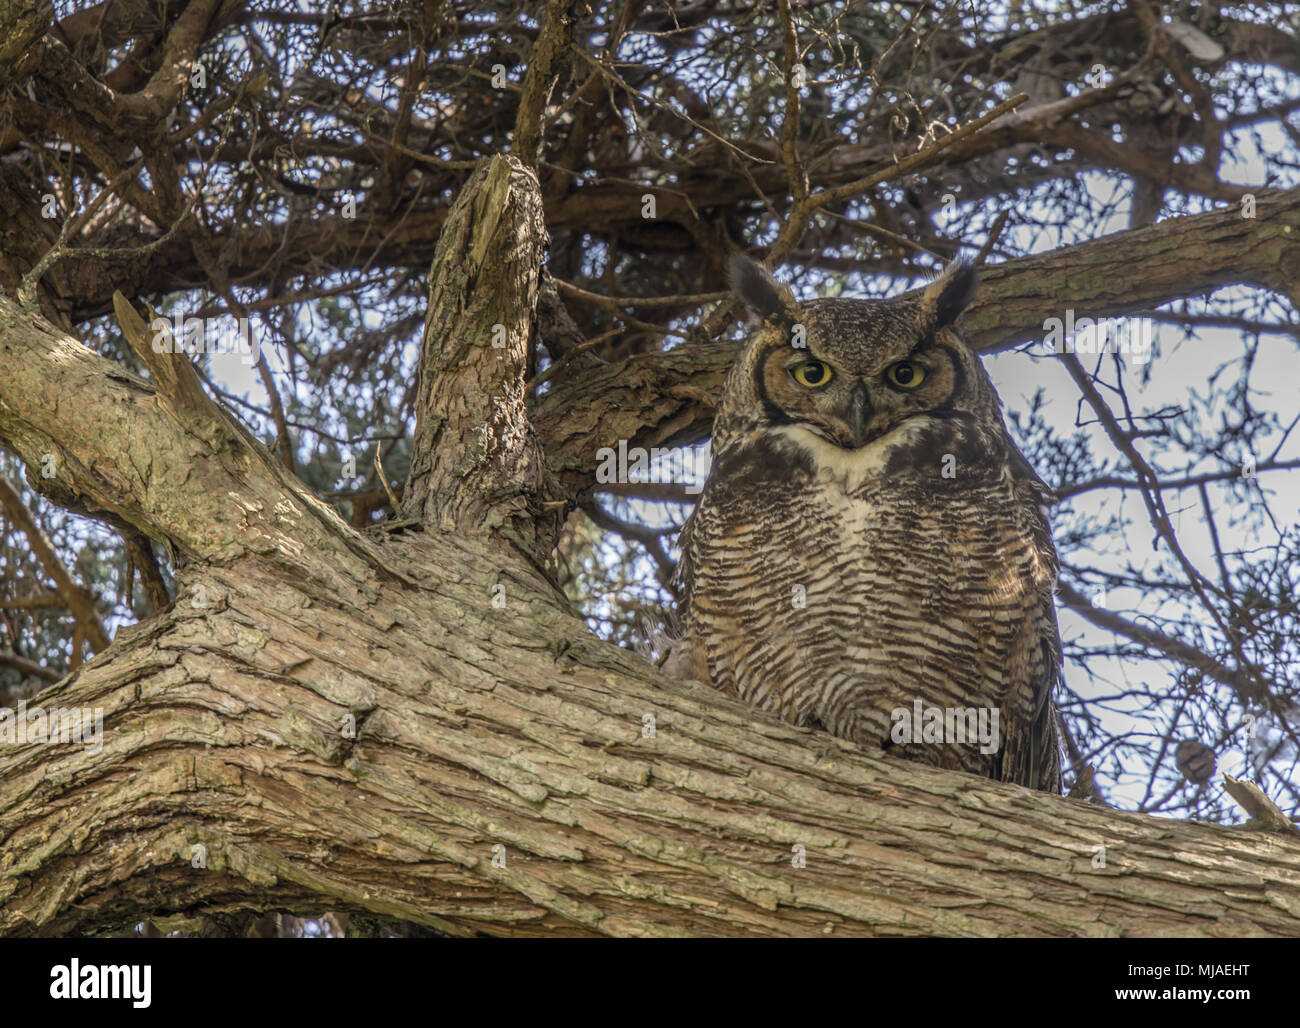 Coastal Great Horned Owl Adult Female Camouflaged. - Stock Image